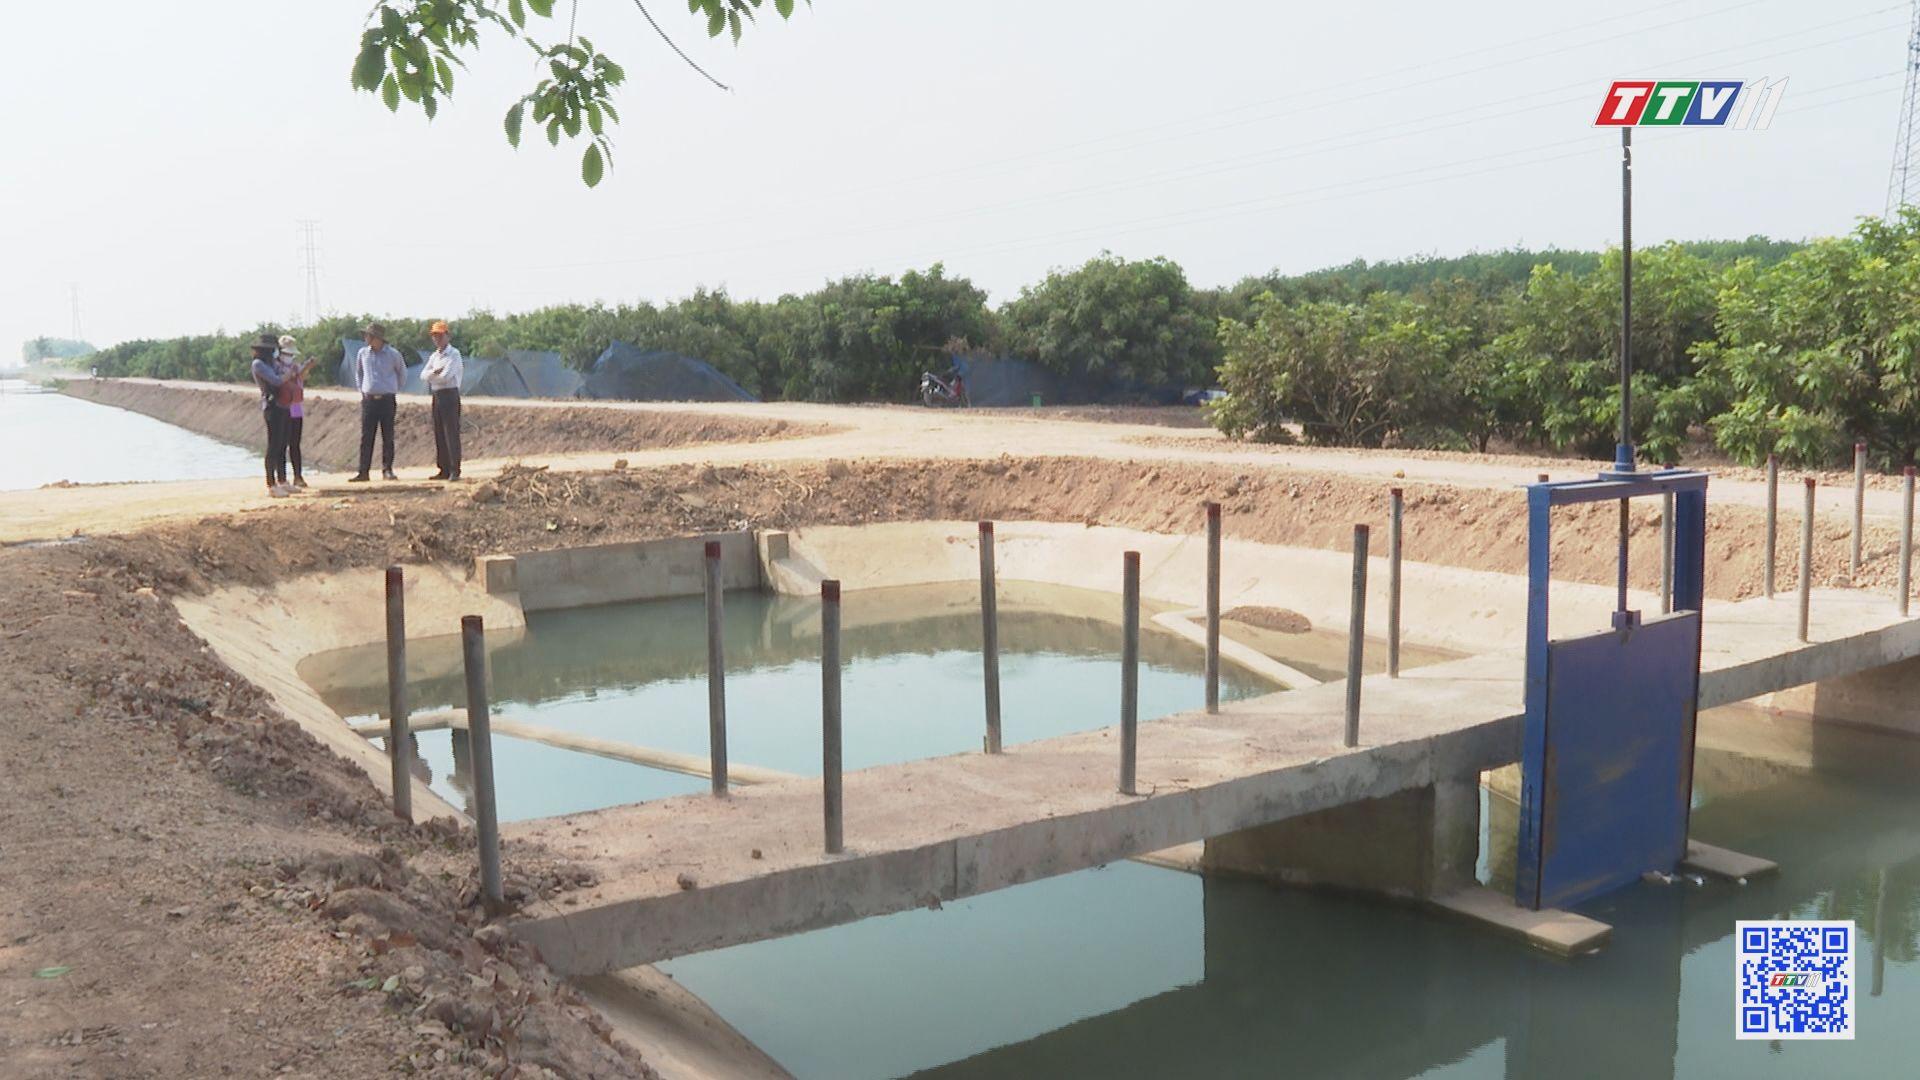 Ngành thủy lợi Tây Ninh ứng phó với nguy cơ thiếu nước trong sản xuất nông nghiệp | TIẾNG NÓI CỬ TRI | TayNinhTV